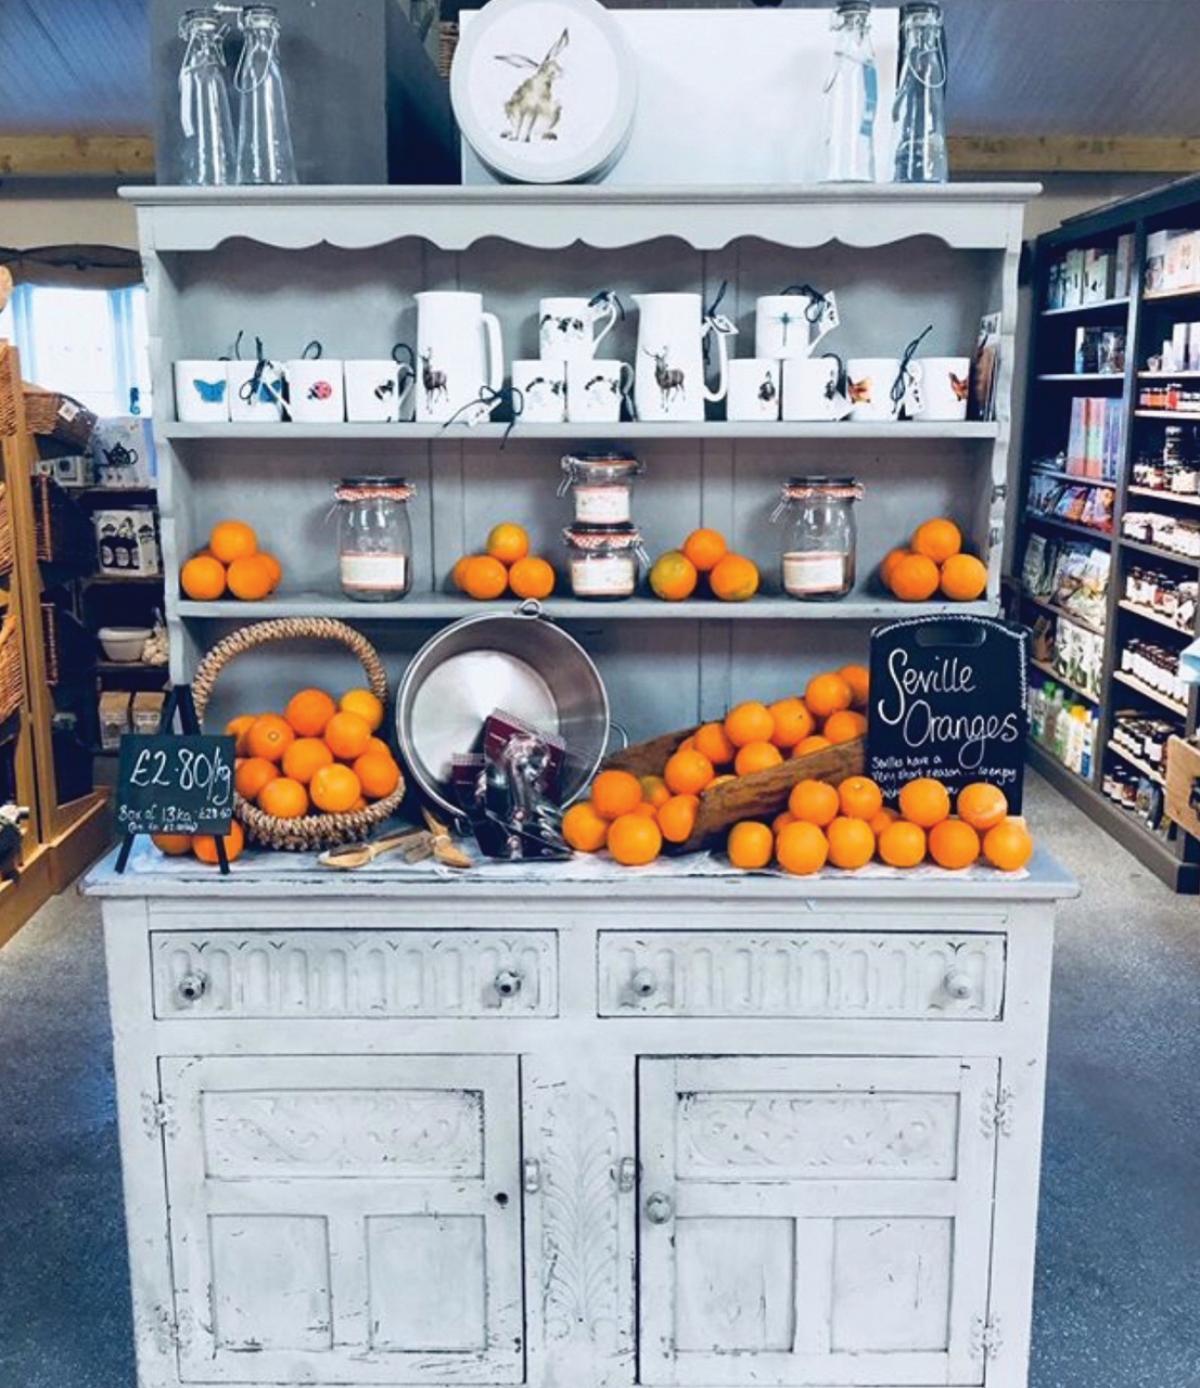 Images from Saddleback Farm Shop